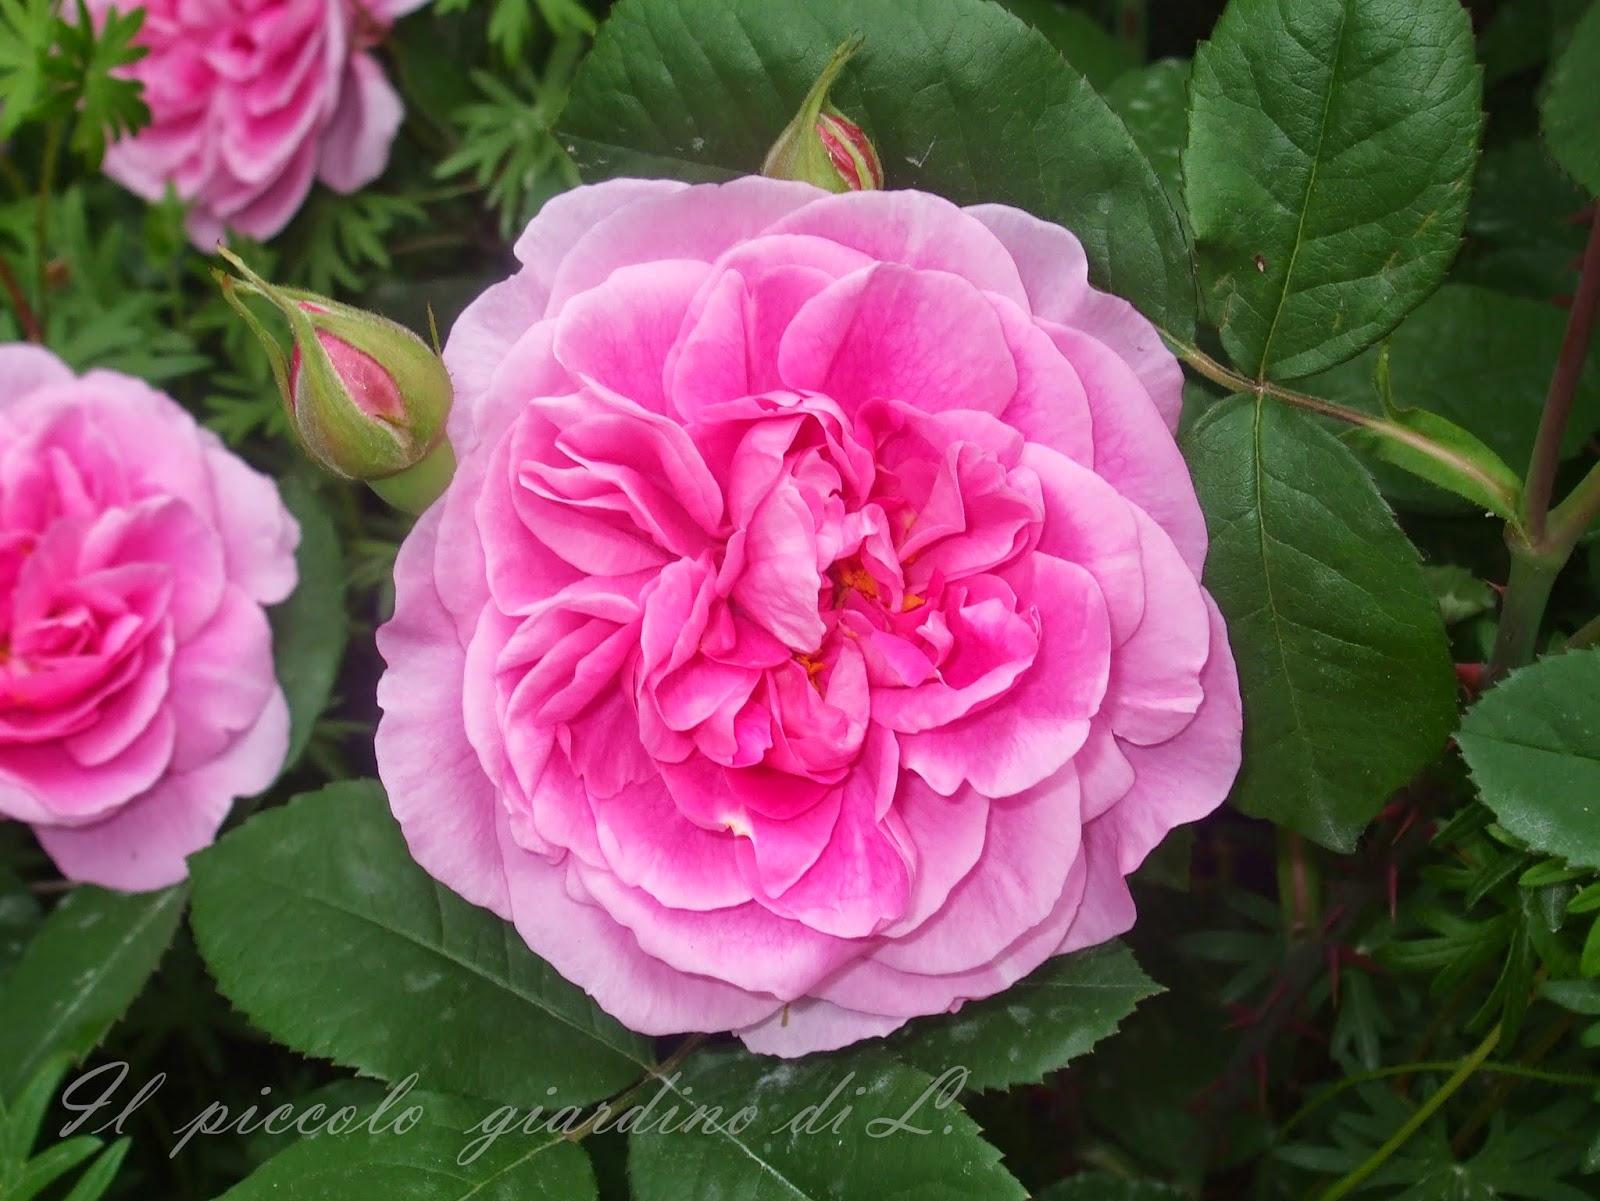 Il Piccolo Giardino Di L Una Rosa Inglese Molto Profumata Gertrude Jekyll